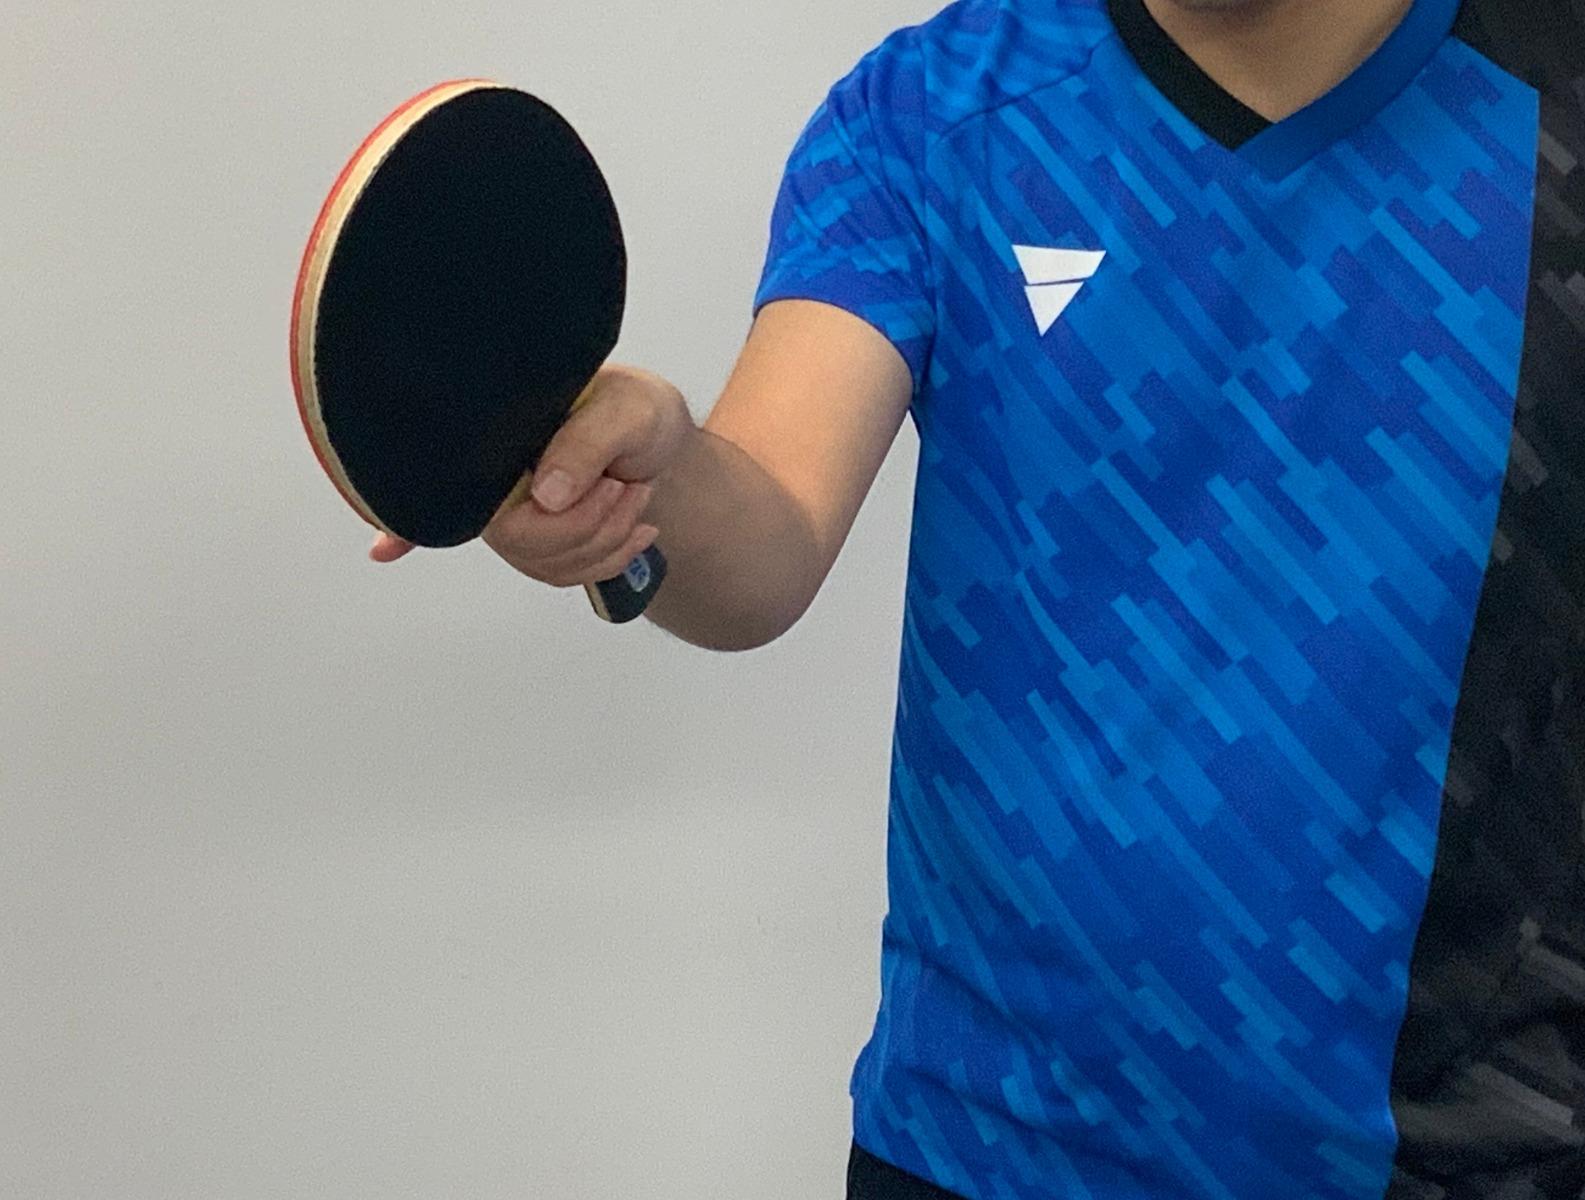 卓球 練習 フォアハンド スイング 角度打ち